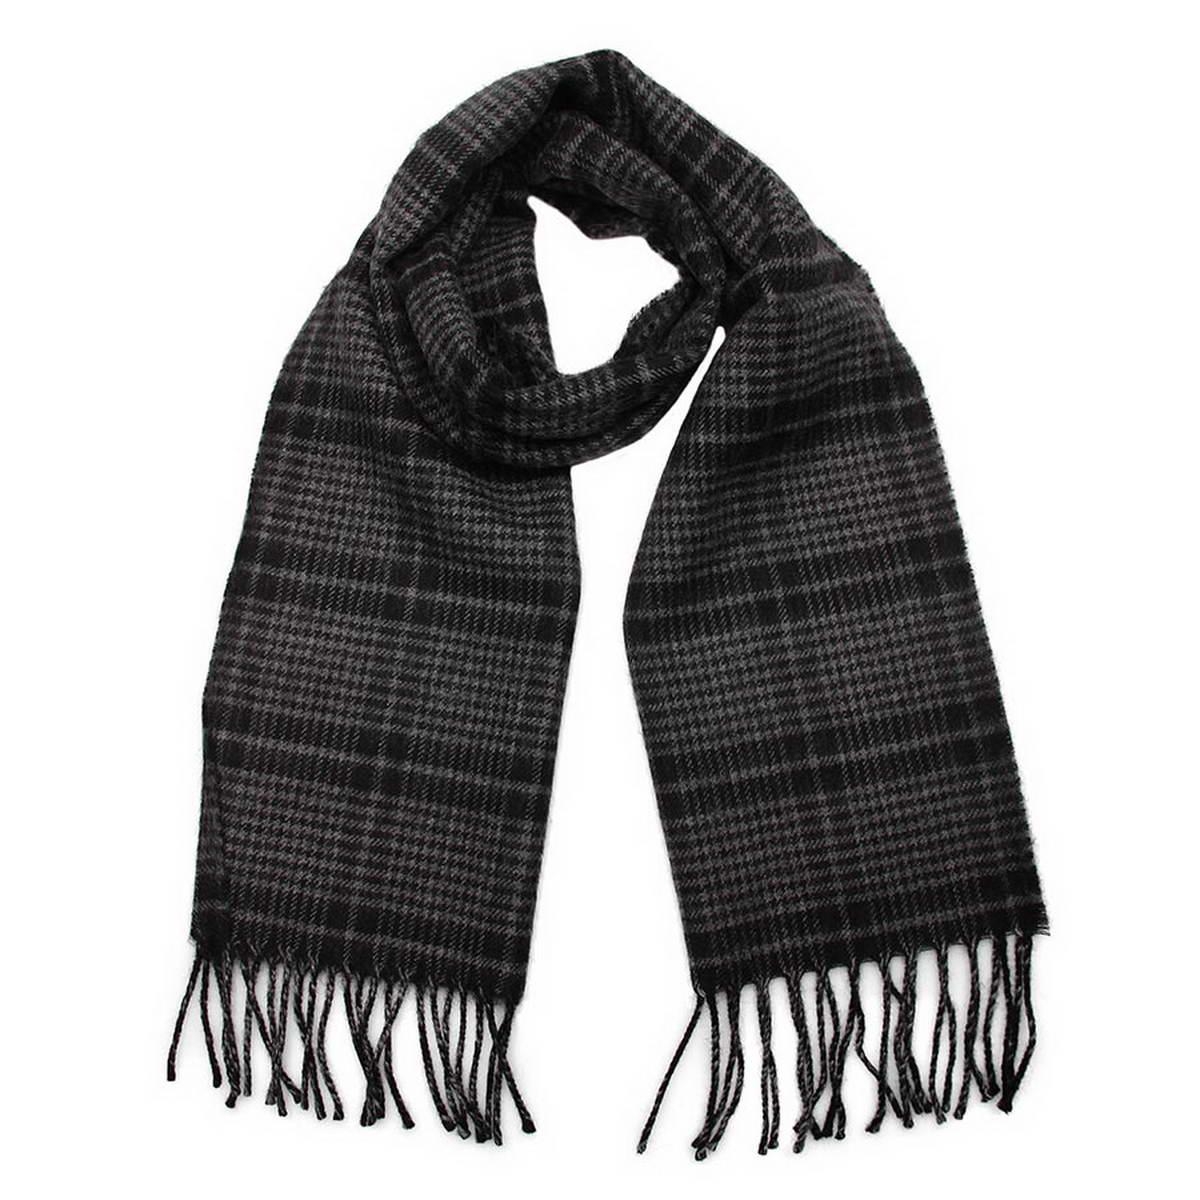 Шарф мужской. 5002532-75002532-7Элегантный мужской шарф Venera согреет вас в холодное время года, а также станет изысканным аксессуаром, который призван подчеркнуть ваш стиль и индивидуальность. Оригинальный теплый шарф выполнен из высококачественной шерстяной пряжи. Шарф оформлен классическим узором в клетку и дополнен жгутиками по краю. Такой шарф станет превосходным дополнением к любому наряду, защитит вас от ветра и холода и позволит вам создать свой неповторимый стиль.